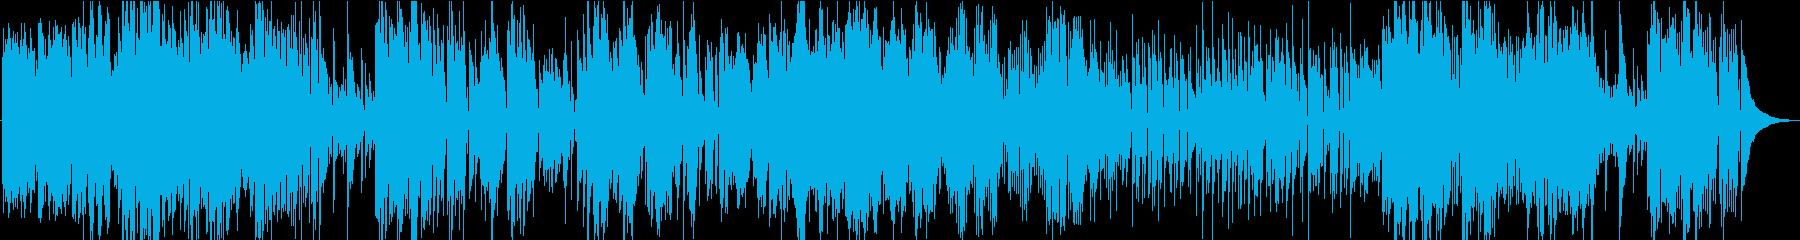 ジャズ。クール。メロディアス。ボサノバ。の再生済みの波形